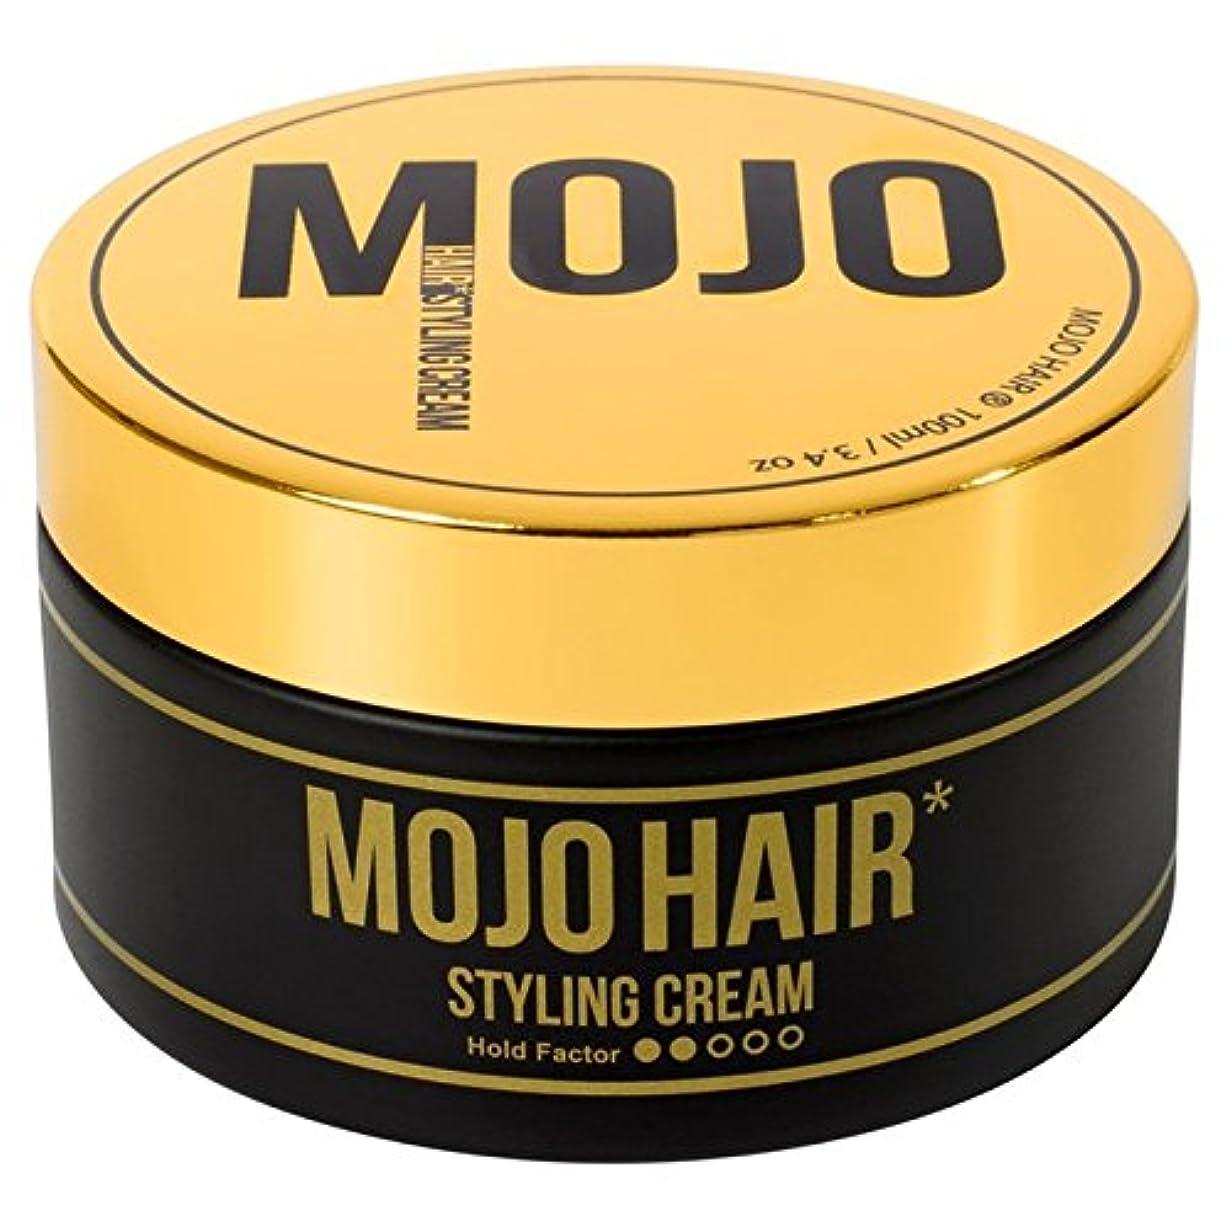 サイクロプス二年生モノグラフ100ミリリットル男性のためのモジョのヘアスタイリングクリーム x2 - MOJO HAIR Styling Cream for Men 100ml (Pack of 2) [並行輸入品]